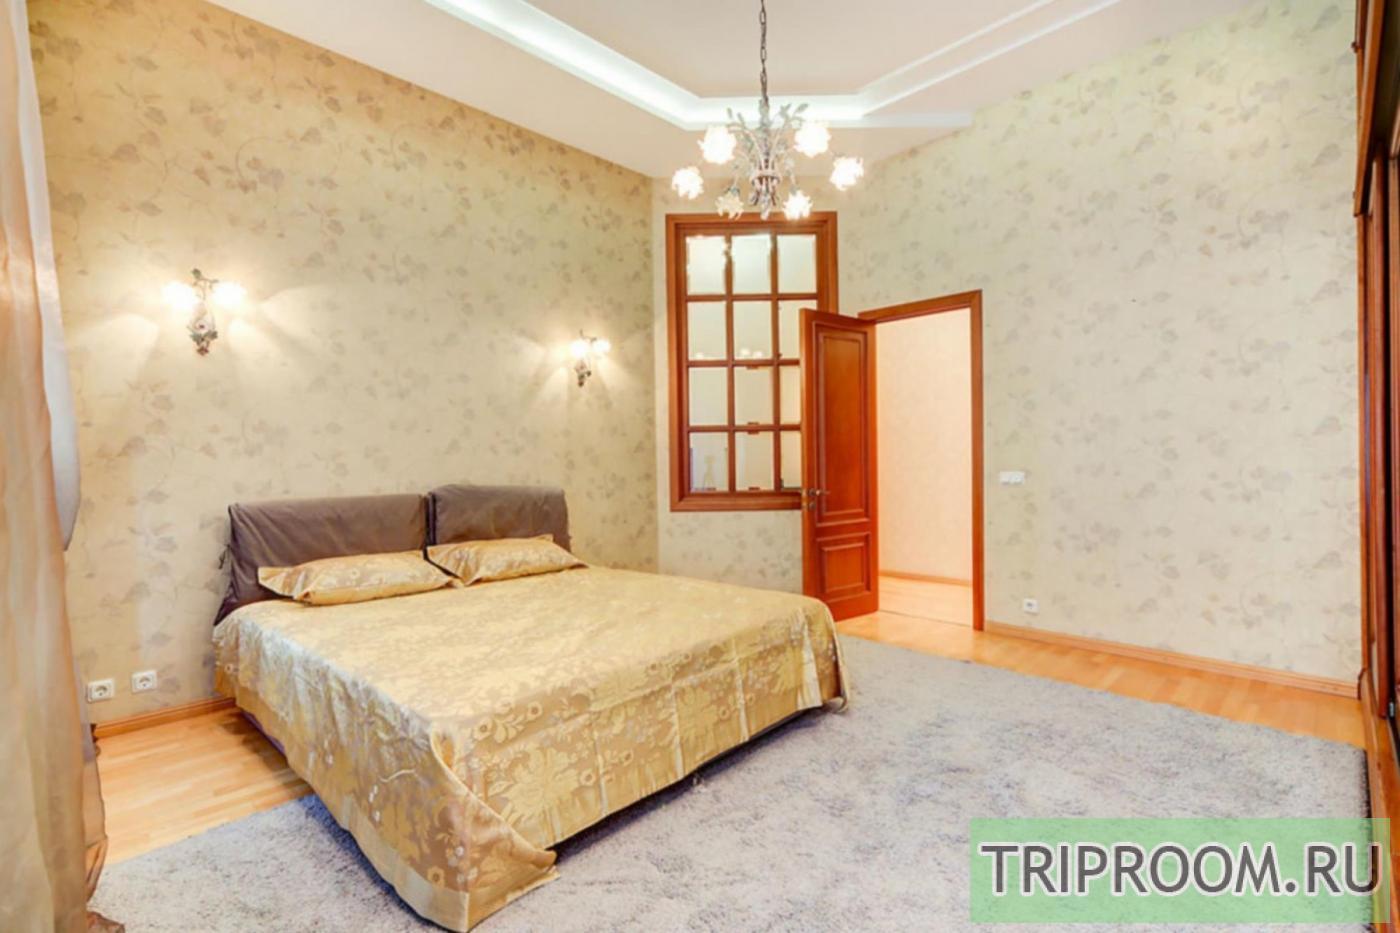 1-комнатная квартира посуточно (вариант № 33288), ул. Островского пер, фото № 1